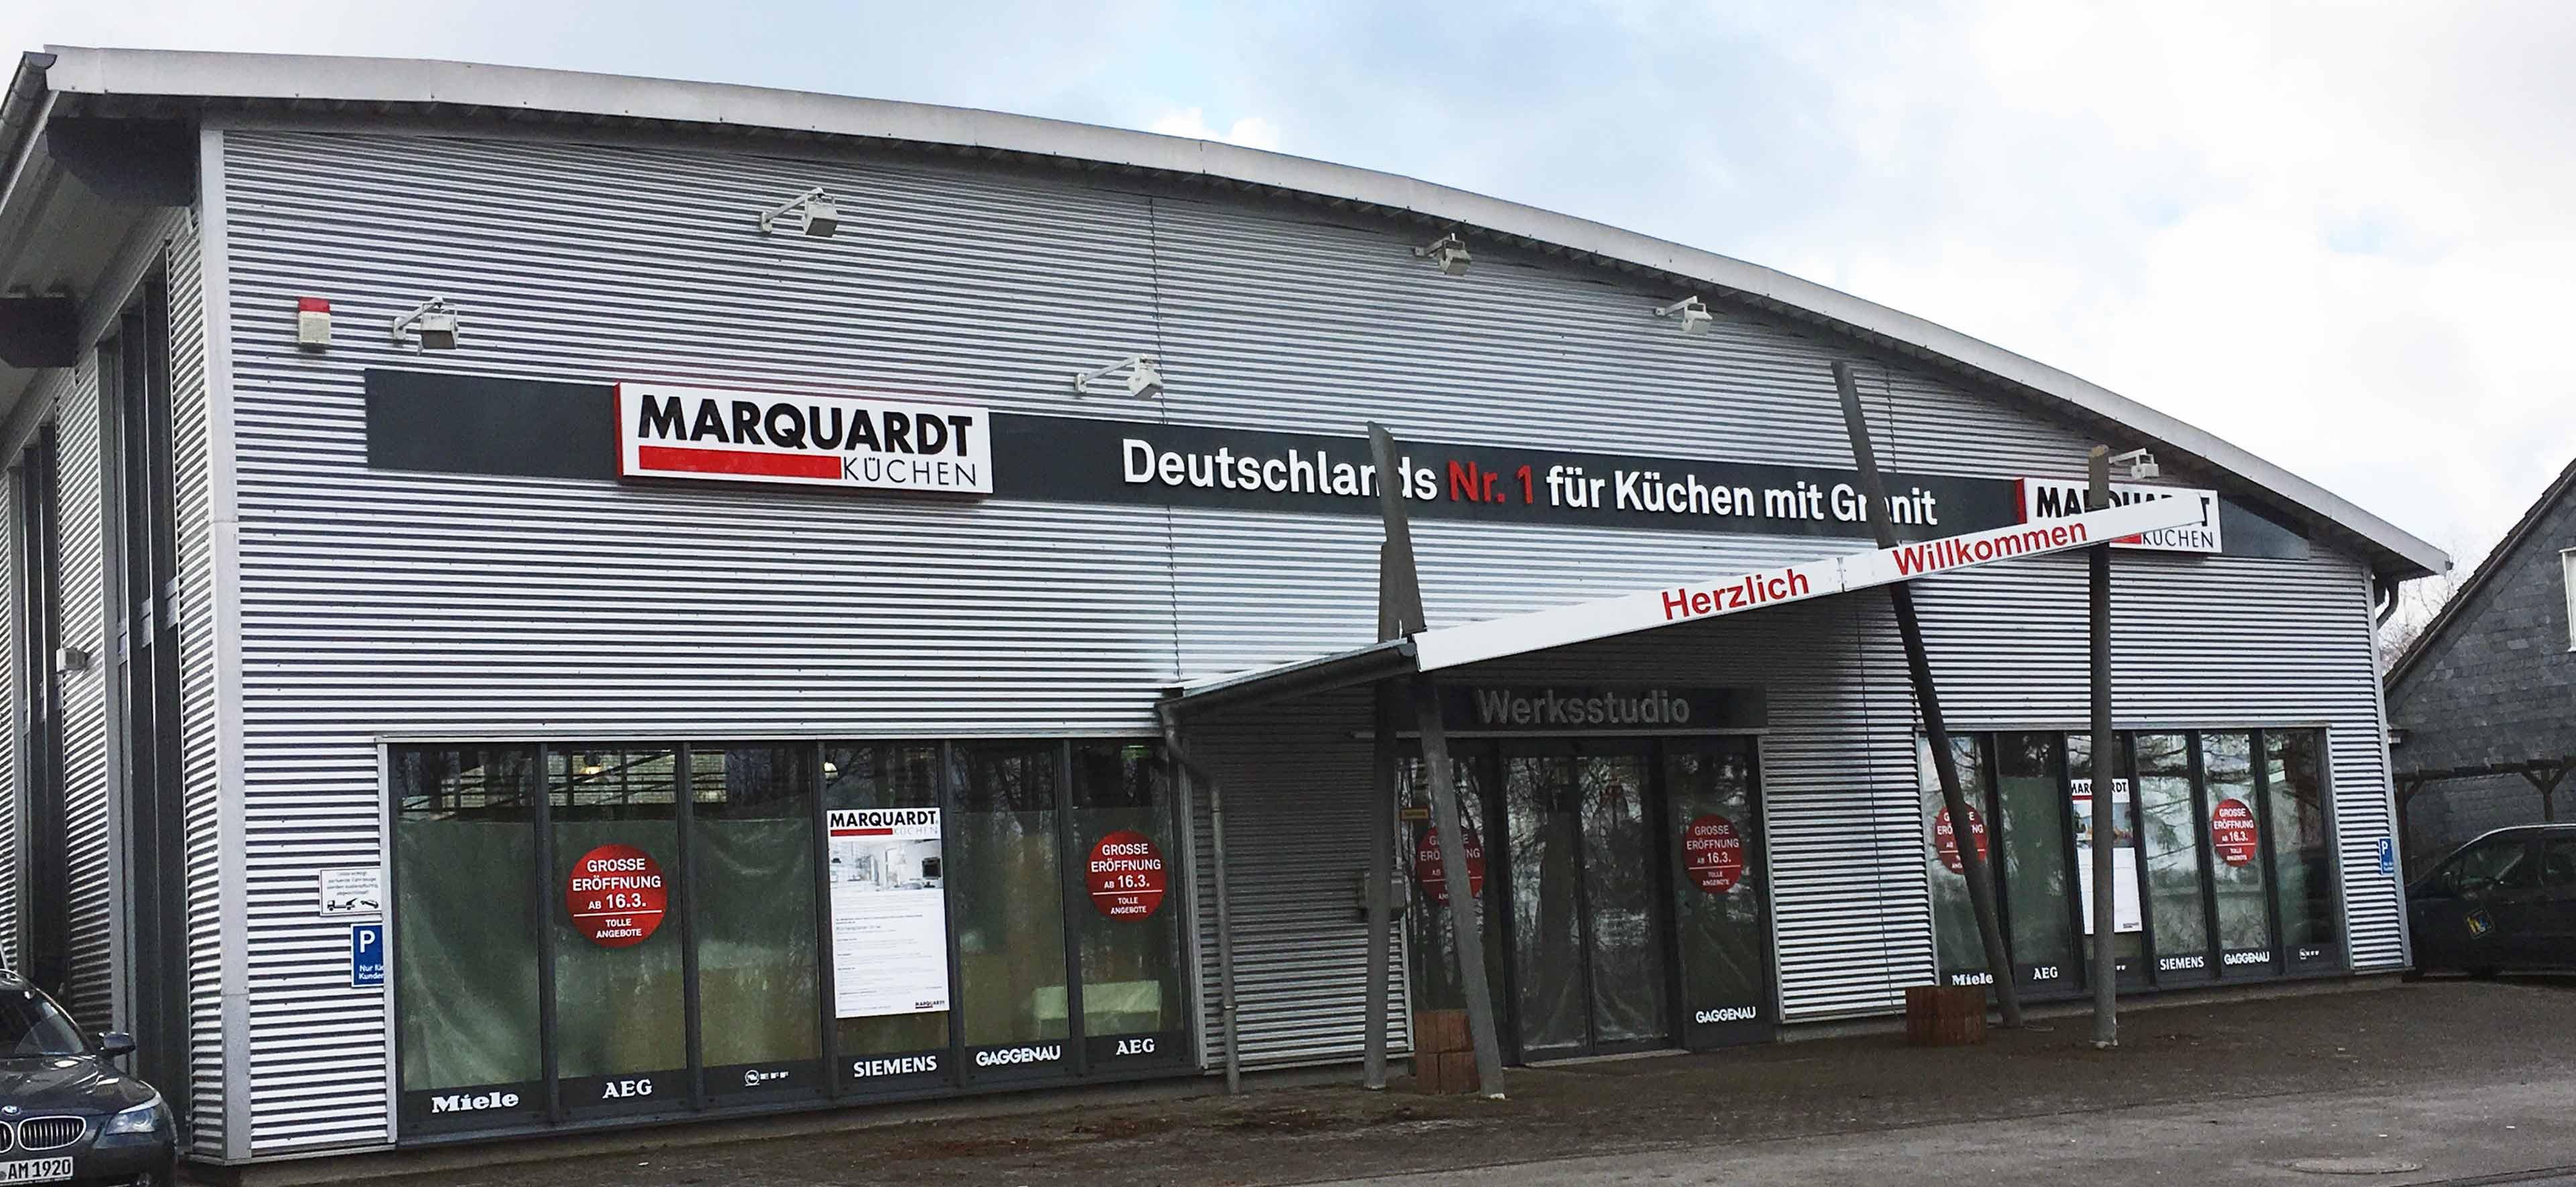 marquardt k chen verkauf einbau von k chen radevormwald deutschland tel 02195920. Black Bedroom Furniture Sets. Home Design Ideas